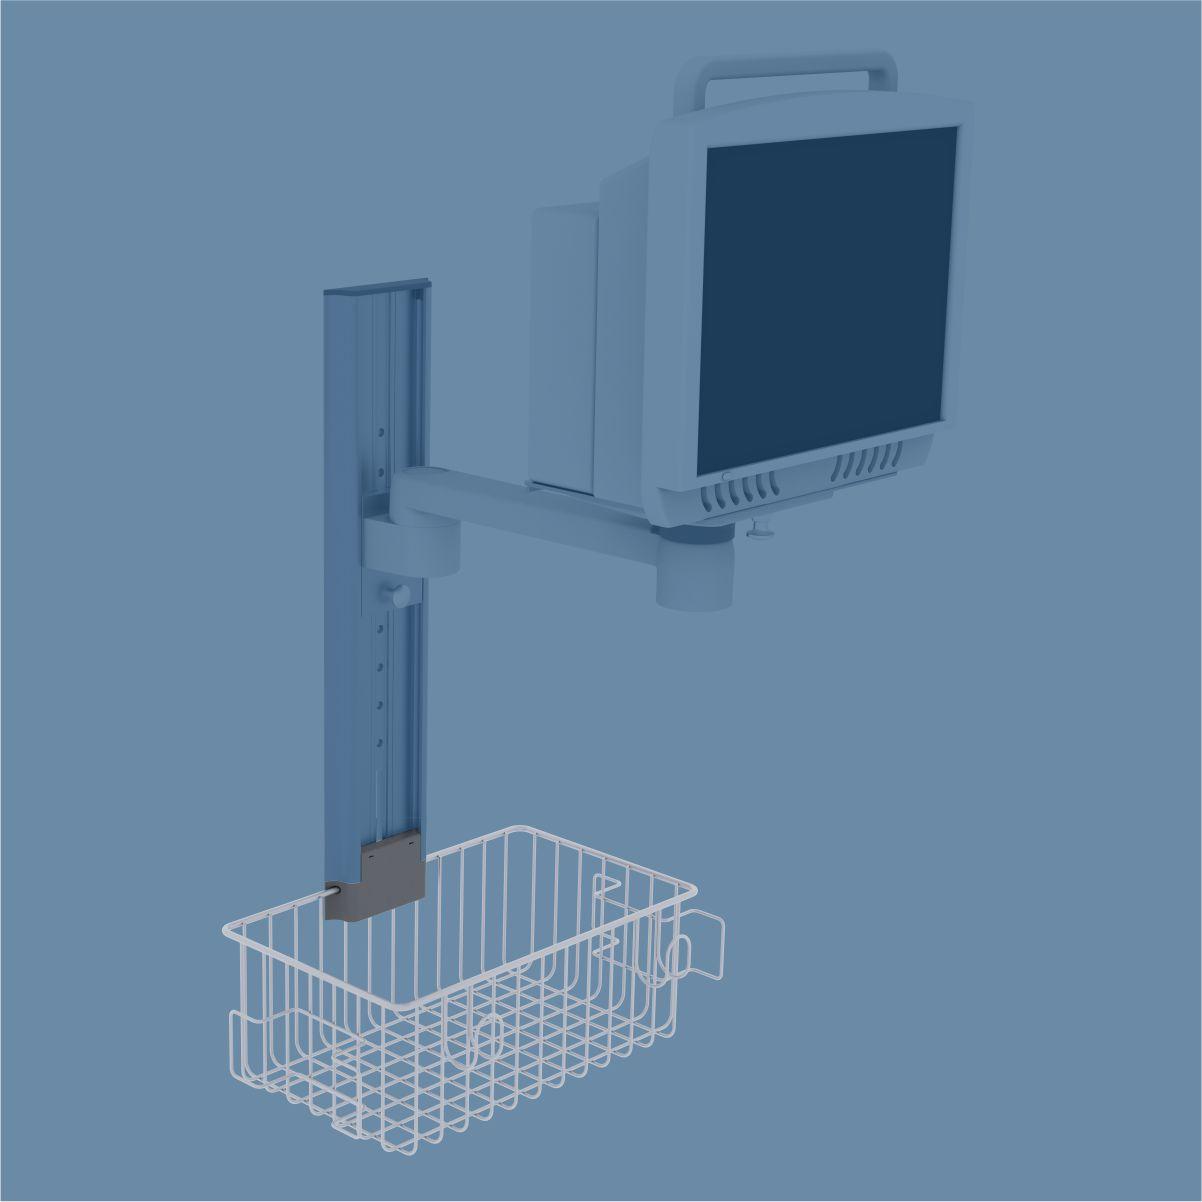 Medical Basket, Cable Hook, Medical Cable Holder